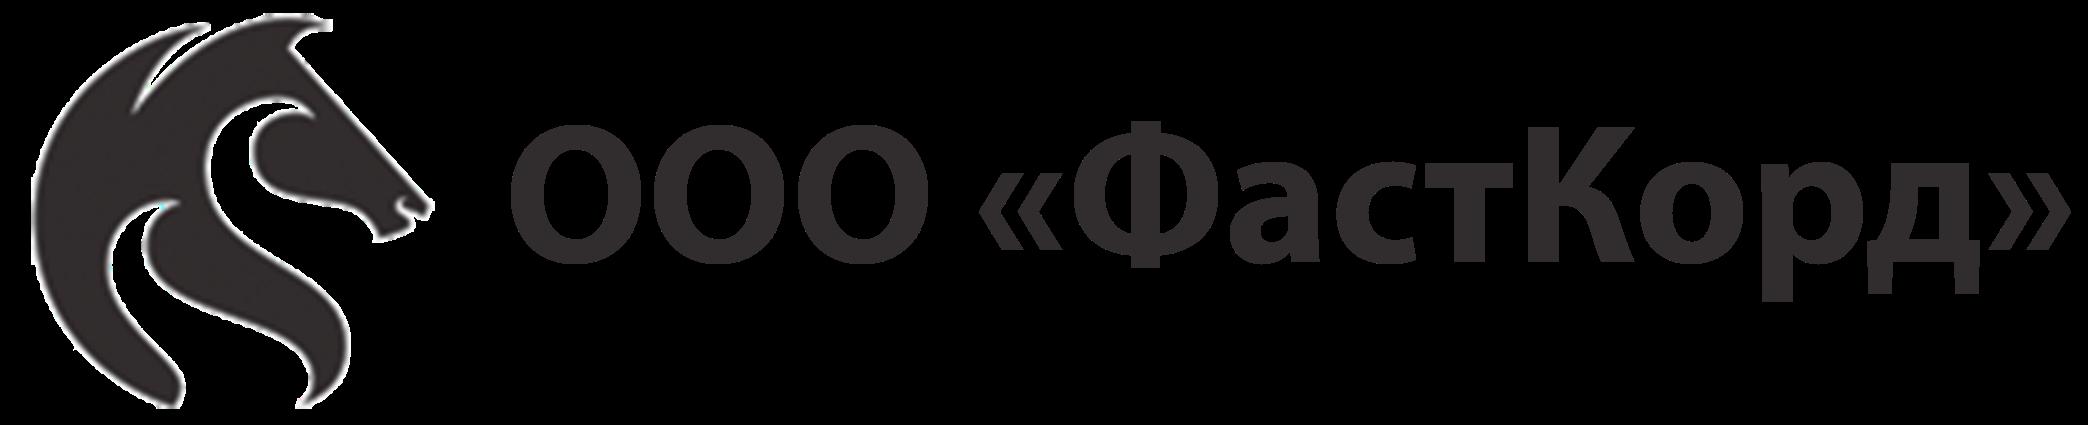 ООО «ФАСТКОРД»